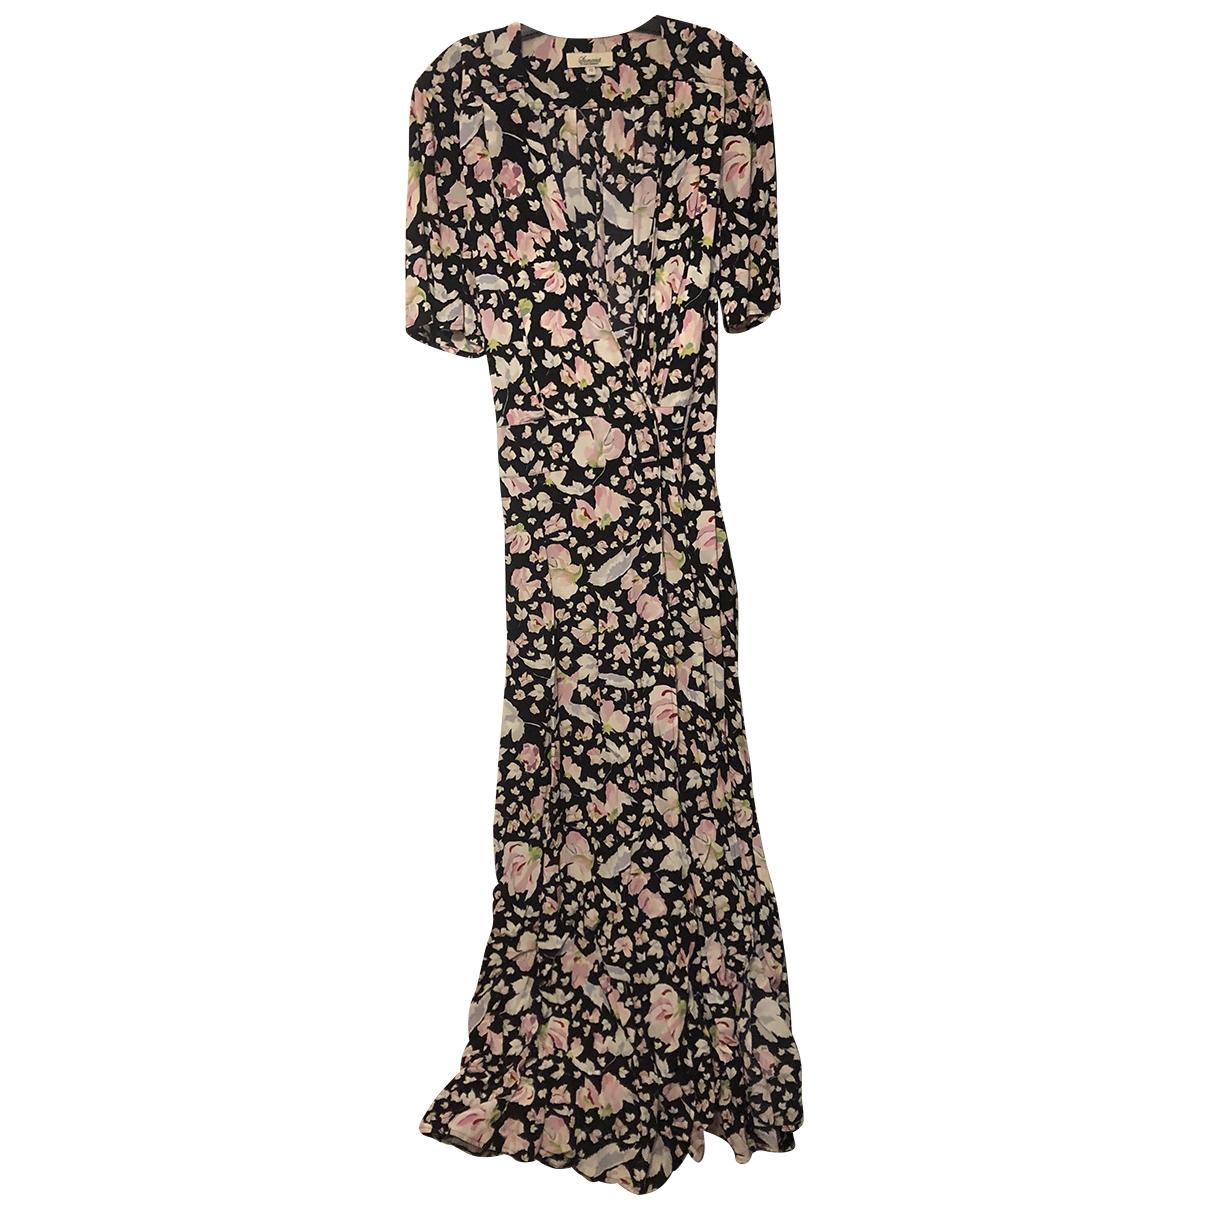 Somerset \N Kleid in  Schwarz Baumwolle - Elasthan